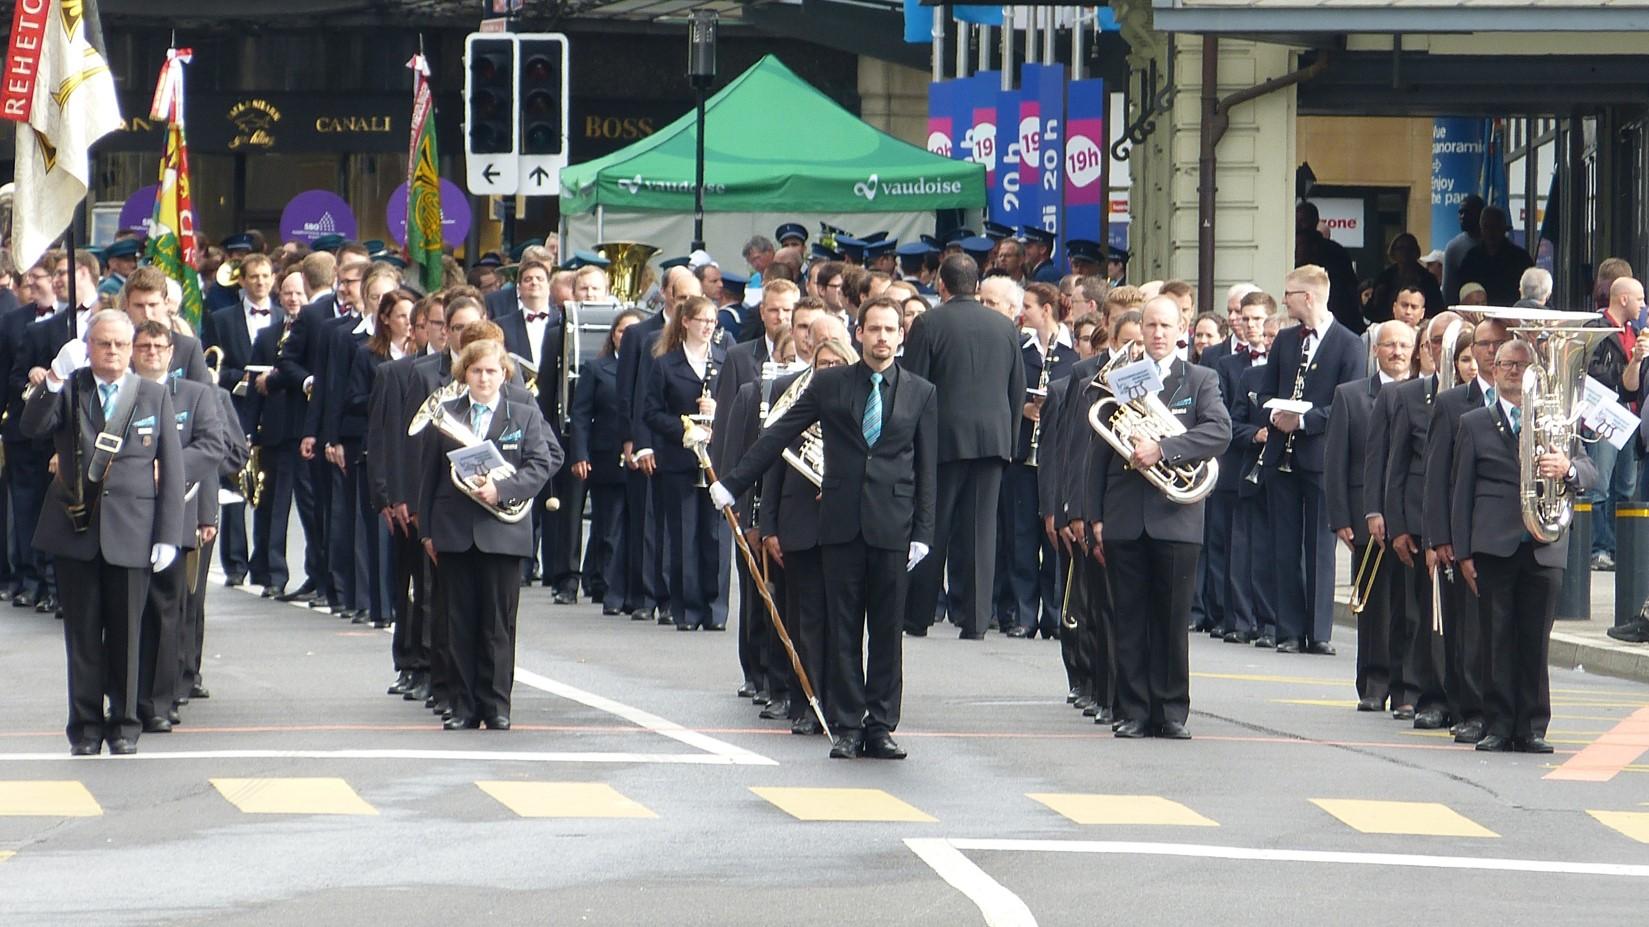 MG Brass Band Rehetobel - Eidg. Musikfest Montreux 2016